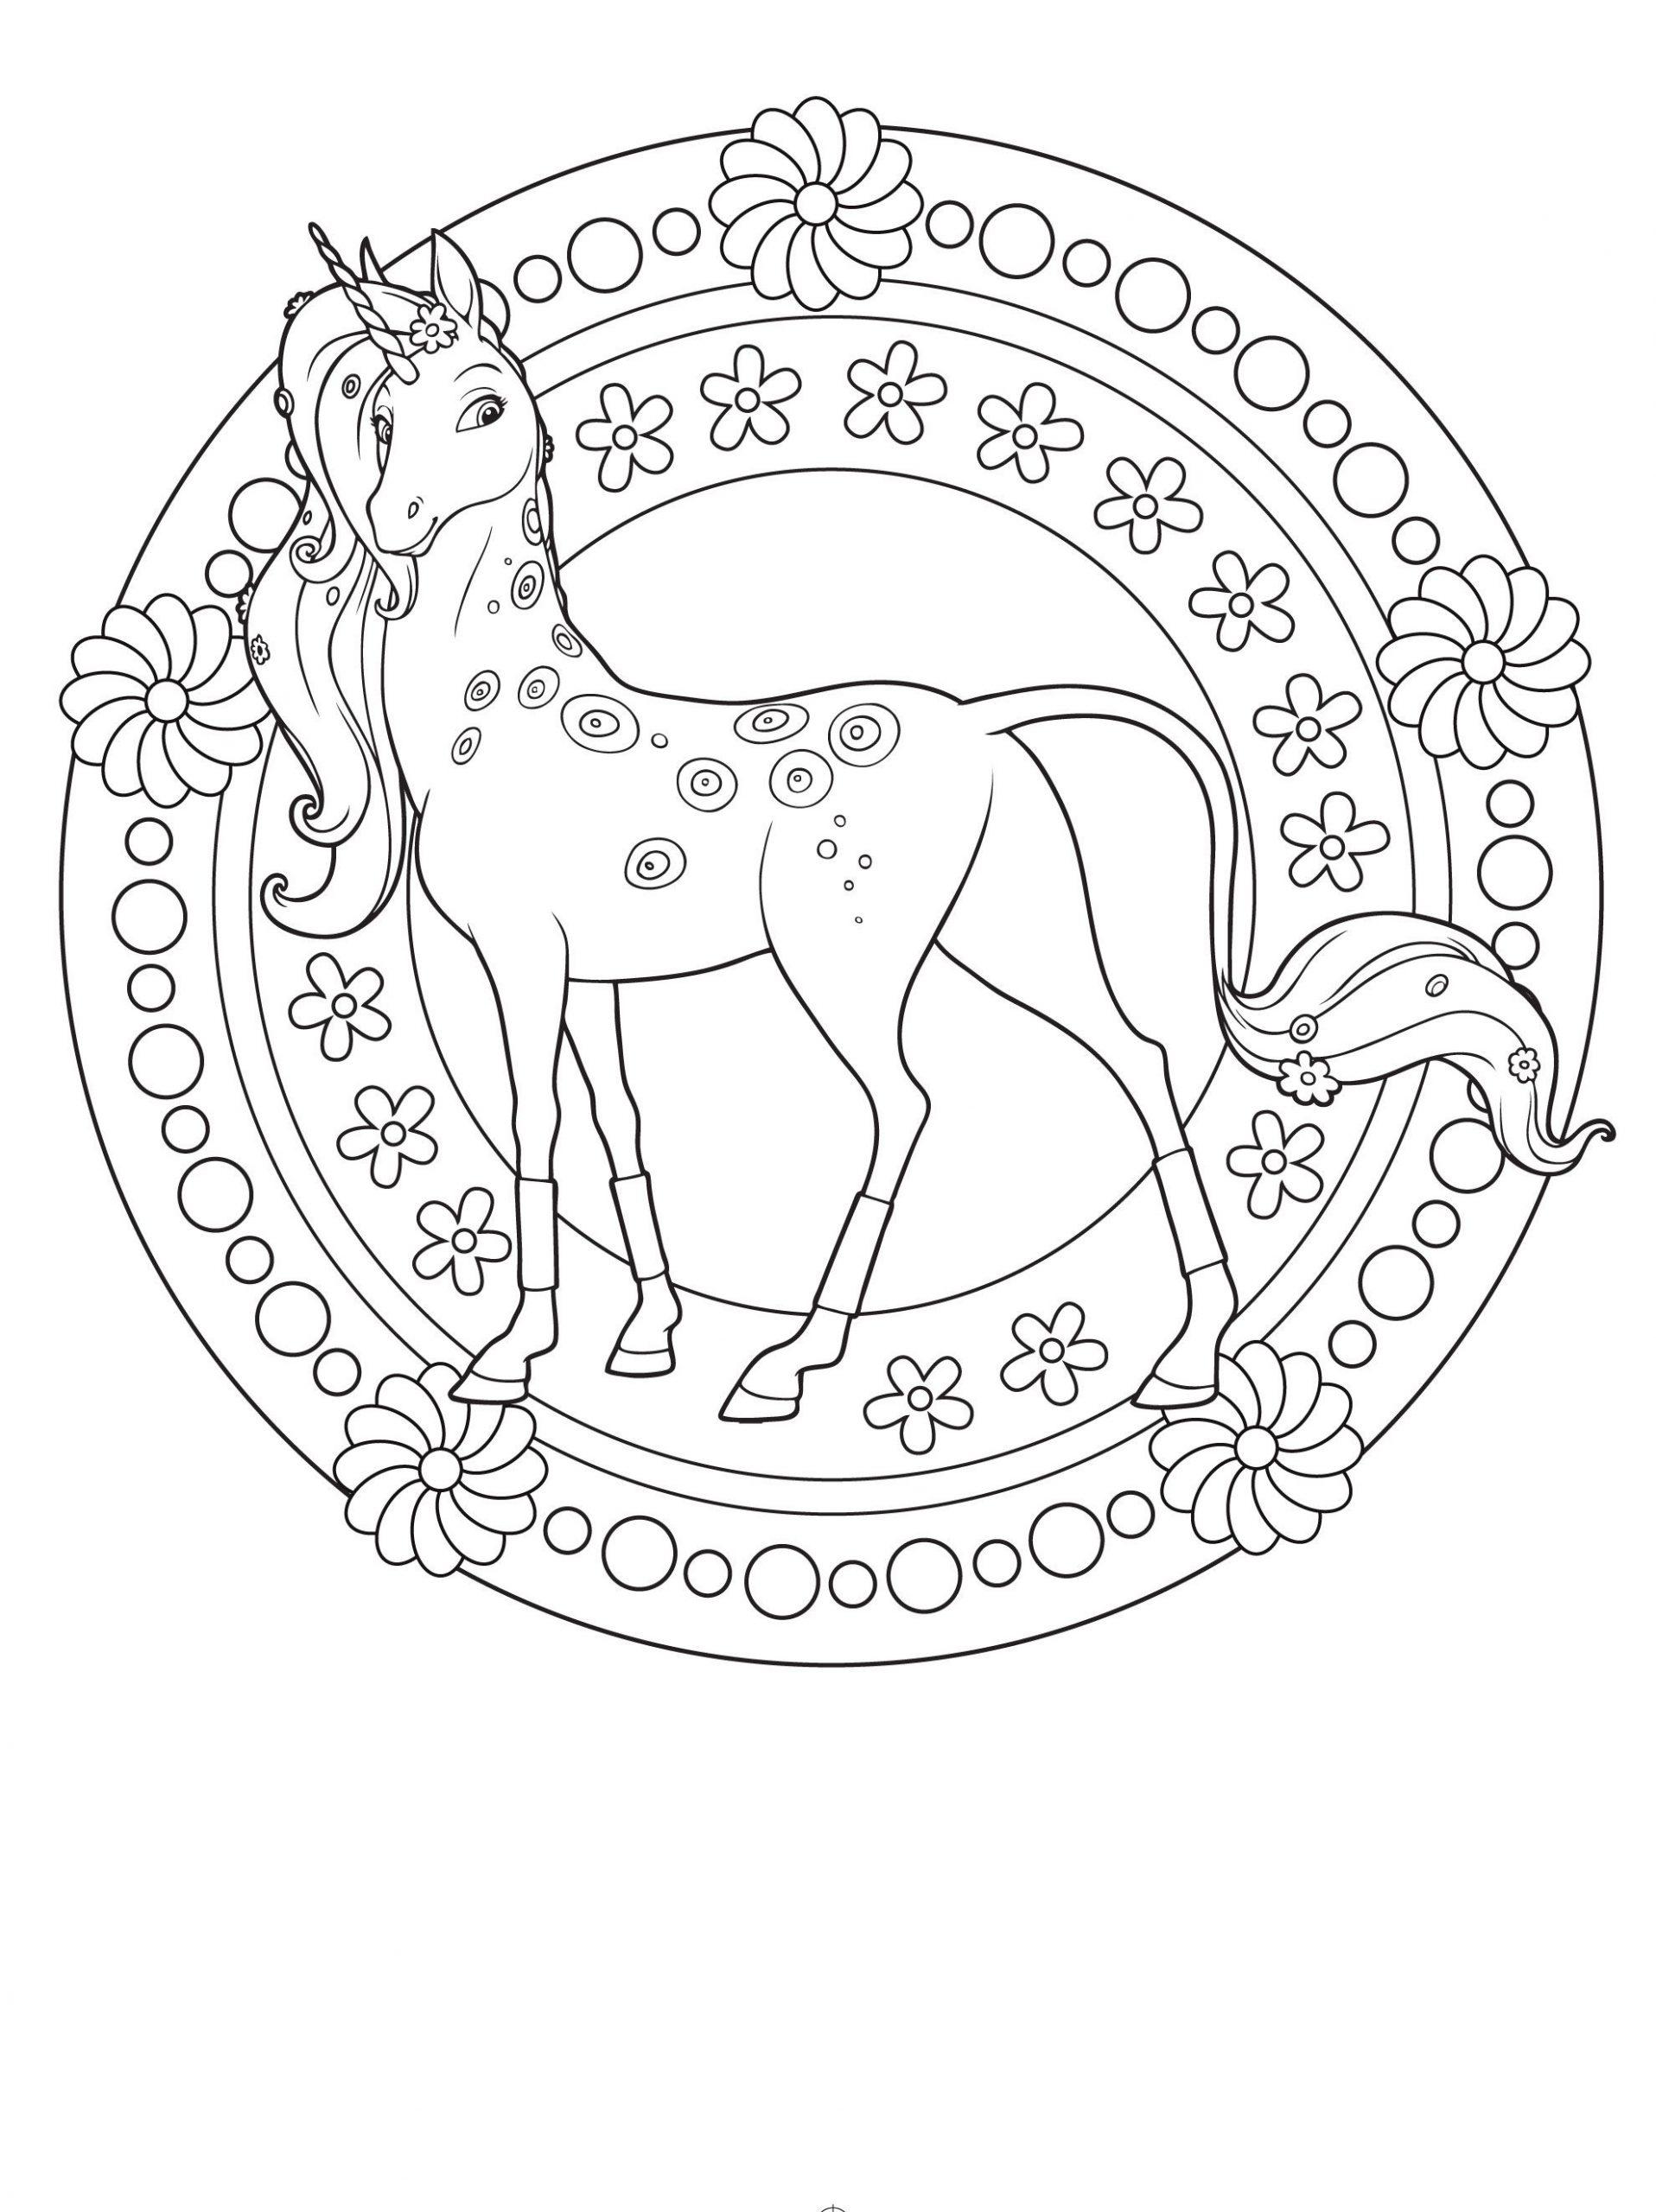 Ausmalbilder Pferde Mandala | Ausmalbilder, Einhorn Zum bestimmt für Mandala Einhorn